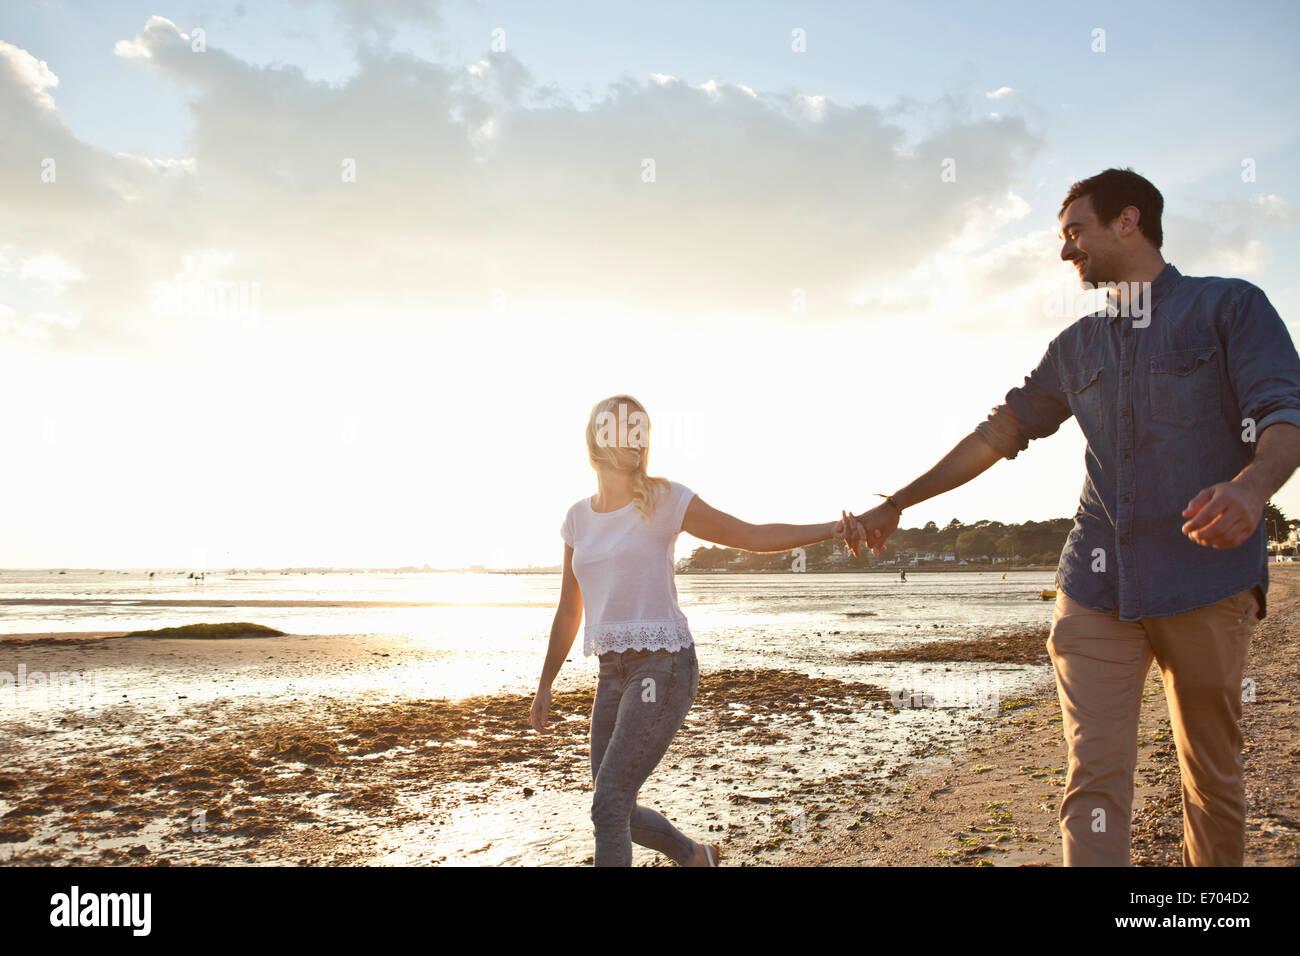 Coppia giovane camminando sulla spiaggia Immagini Stock